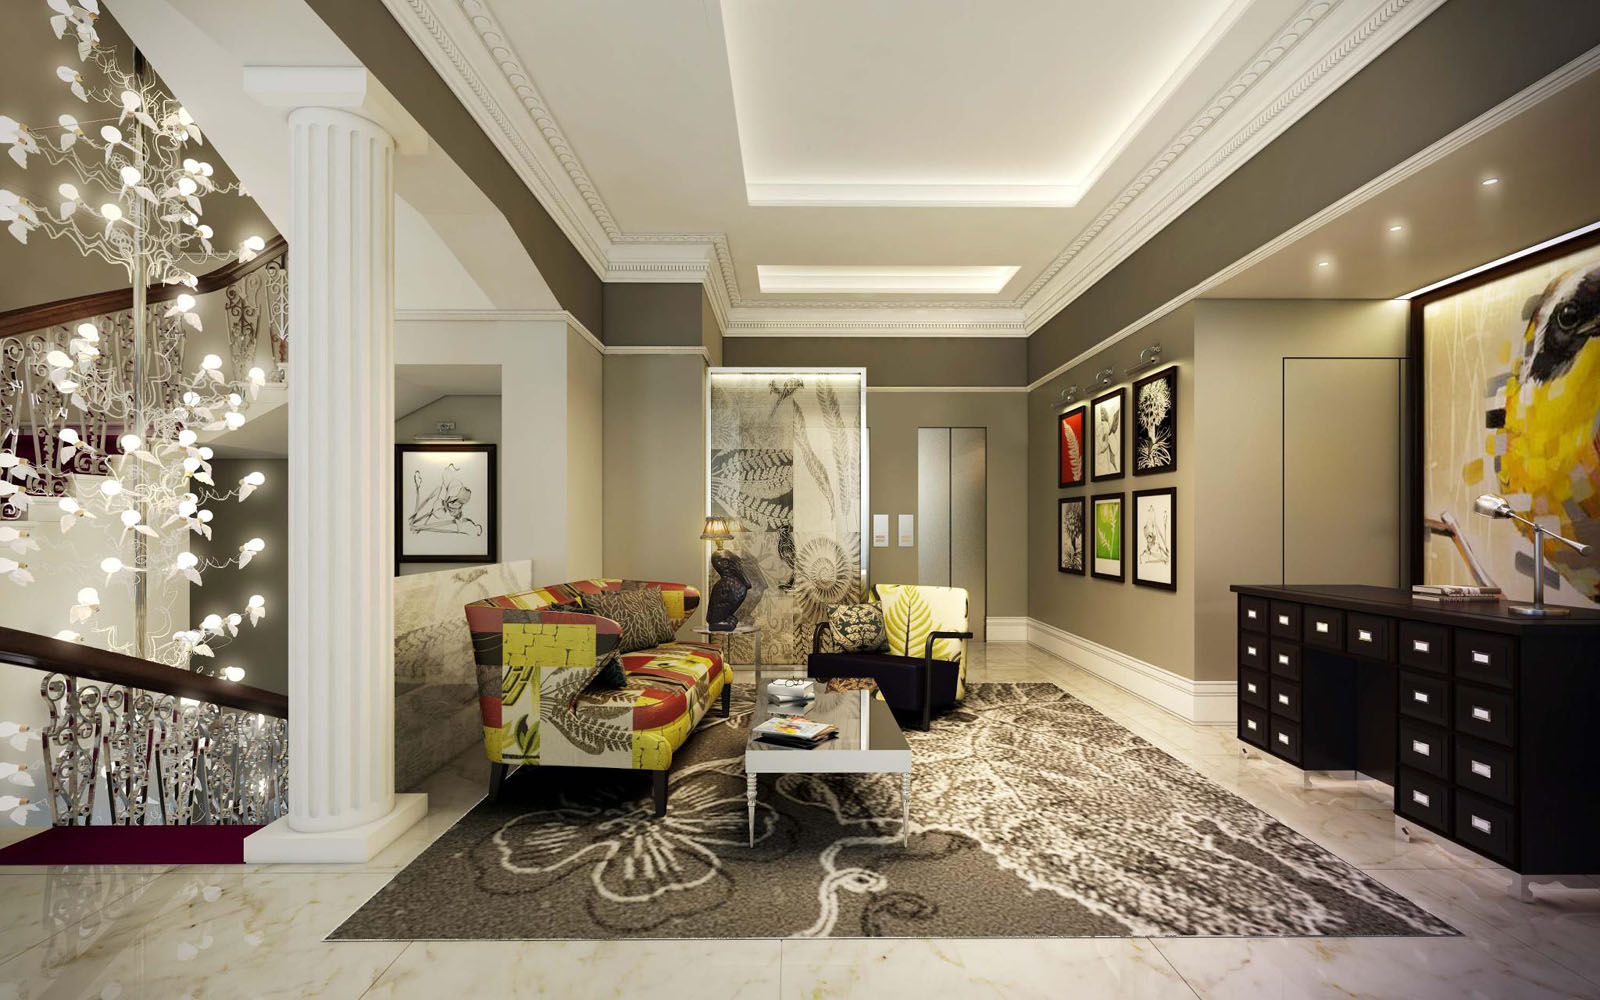 Boutique Interior Design Images